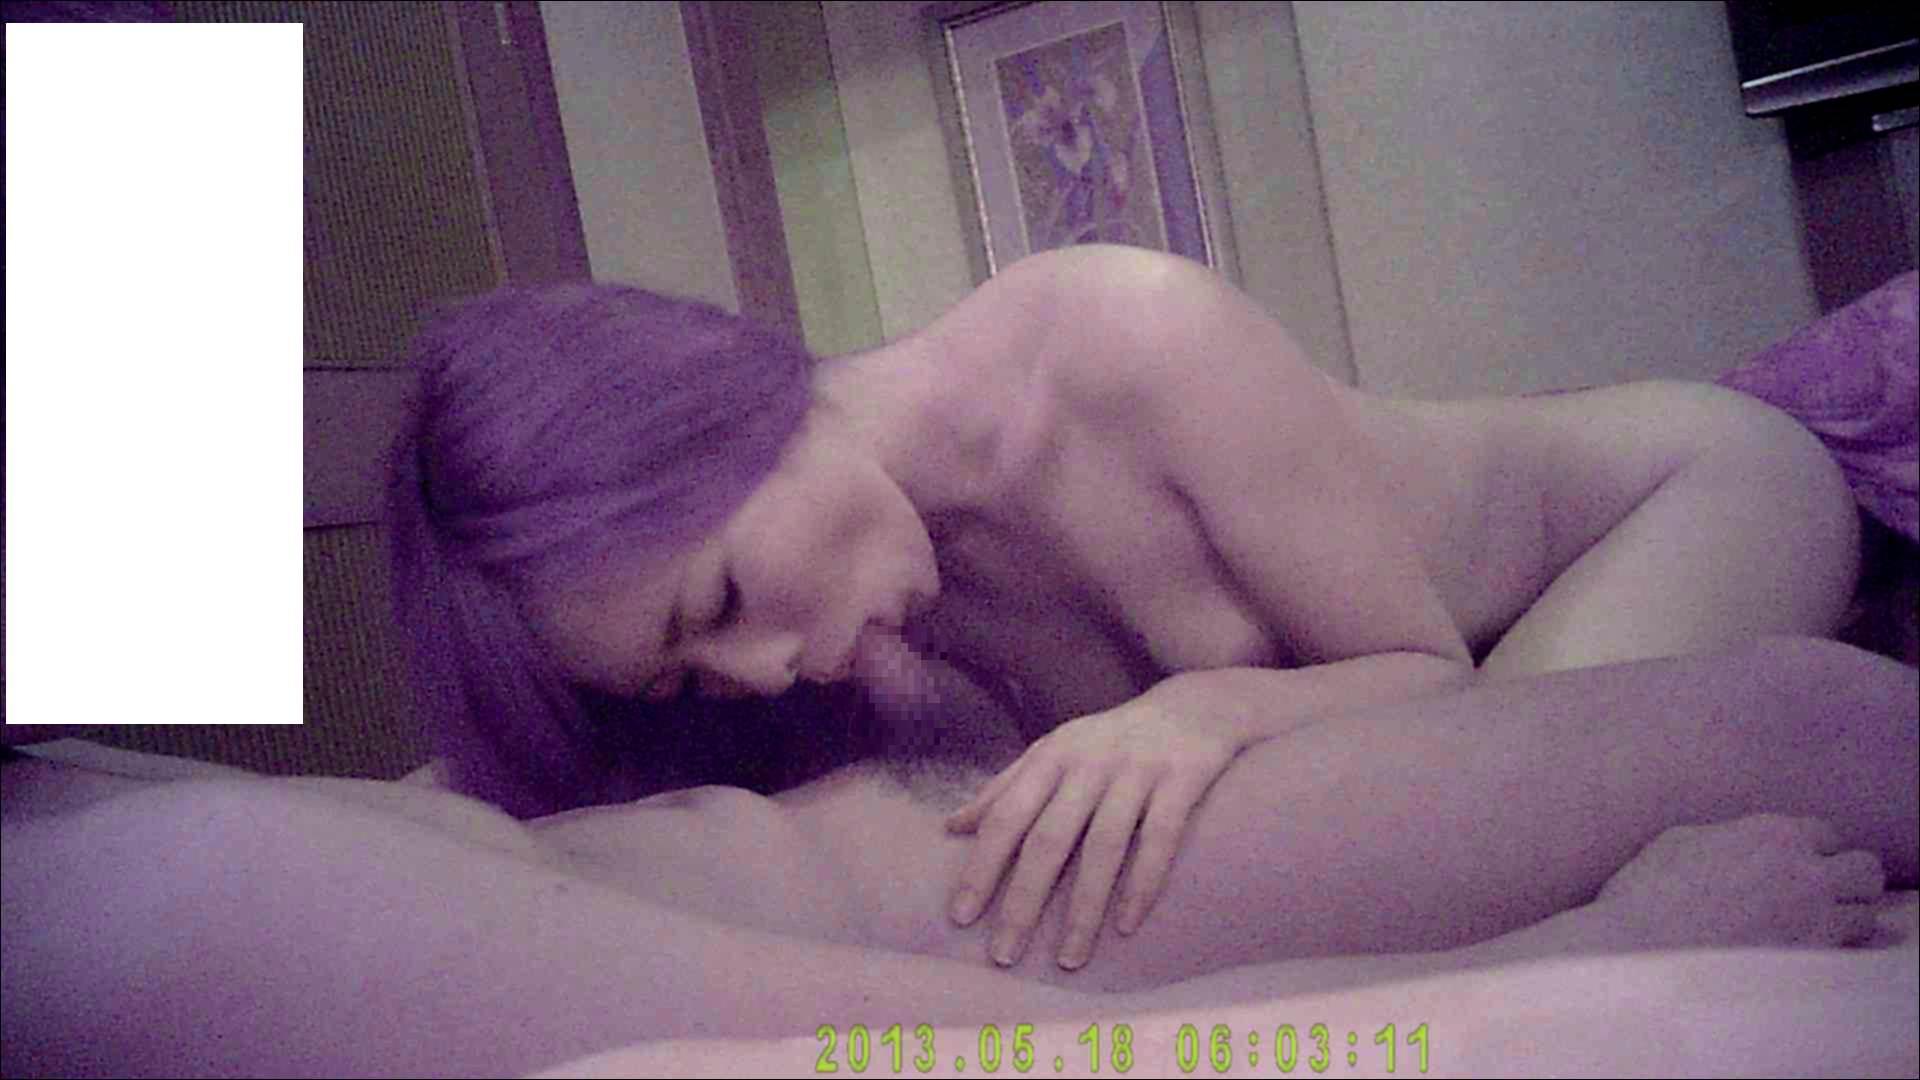 ラブホは危険!!?隠しカメラでセックス撮られるカップルたちwwwwwwww 0411